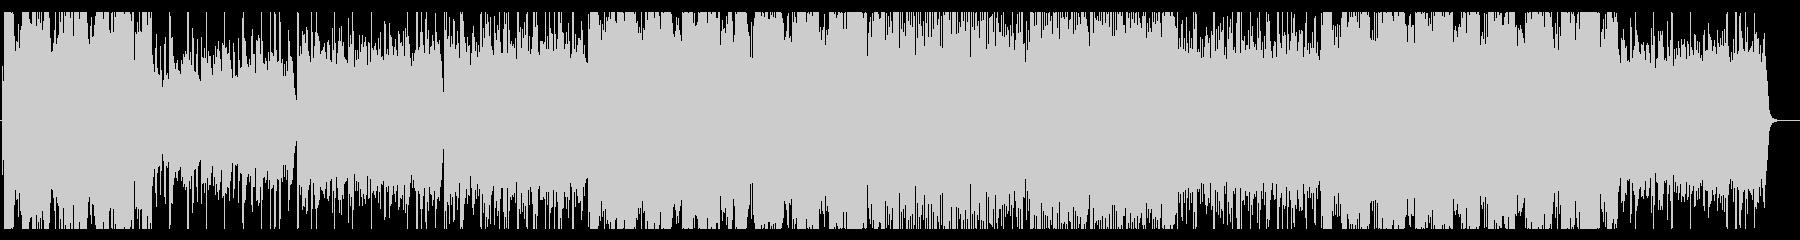 ピアノとストリングスのゆったりしたBGMの未再生の波形